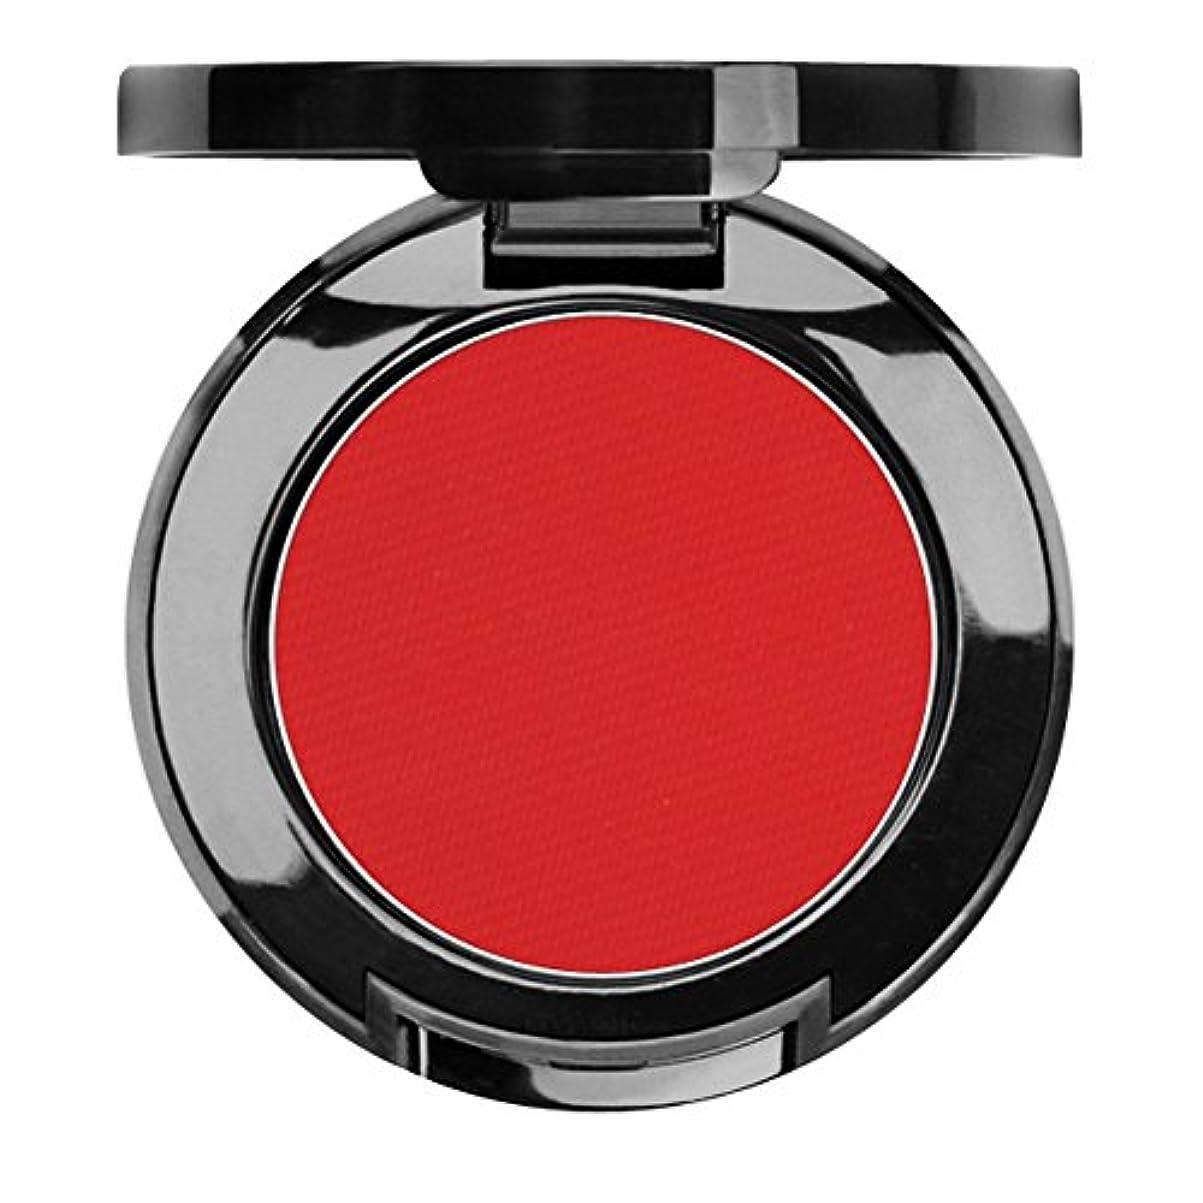 熟考する調べるポータル(マステブ) MustaeV アイシャドウ ポッピンレッド EYE SHADOW #303 POPPIN RED アイメイク メイクアップ アイメイクアップ [並行輸入品]